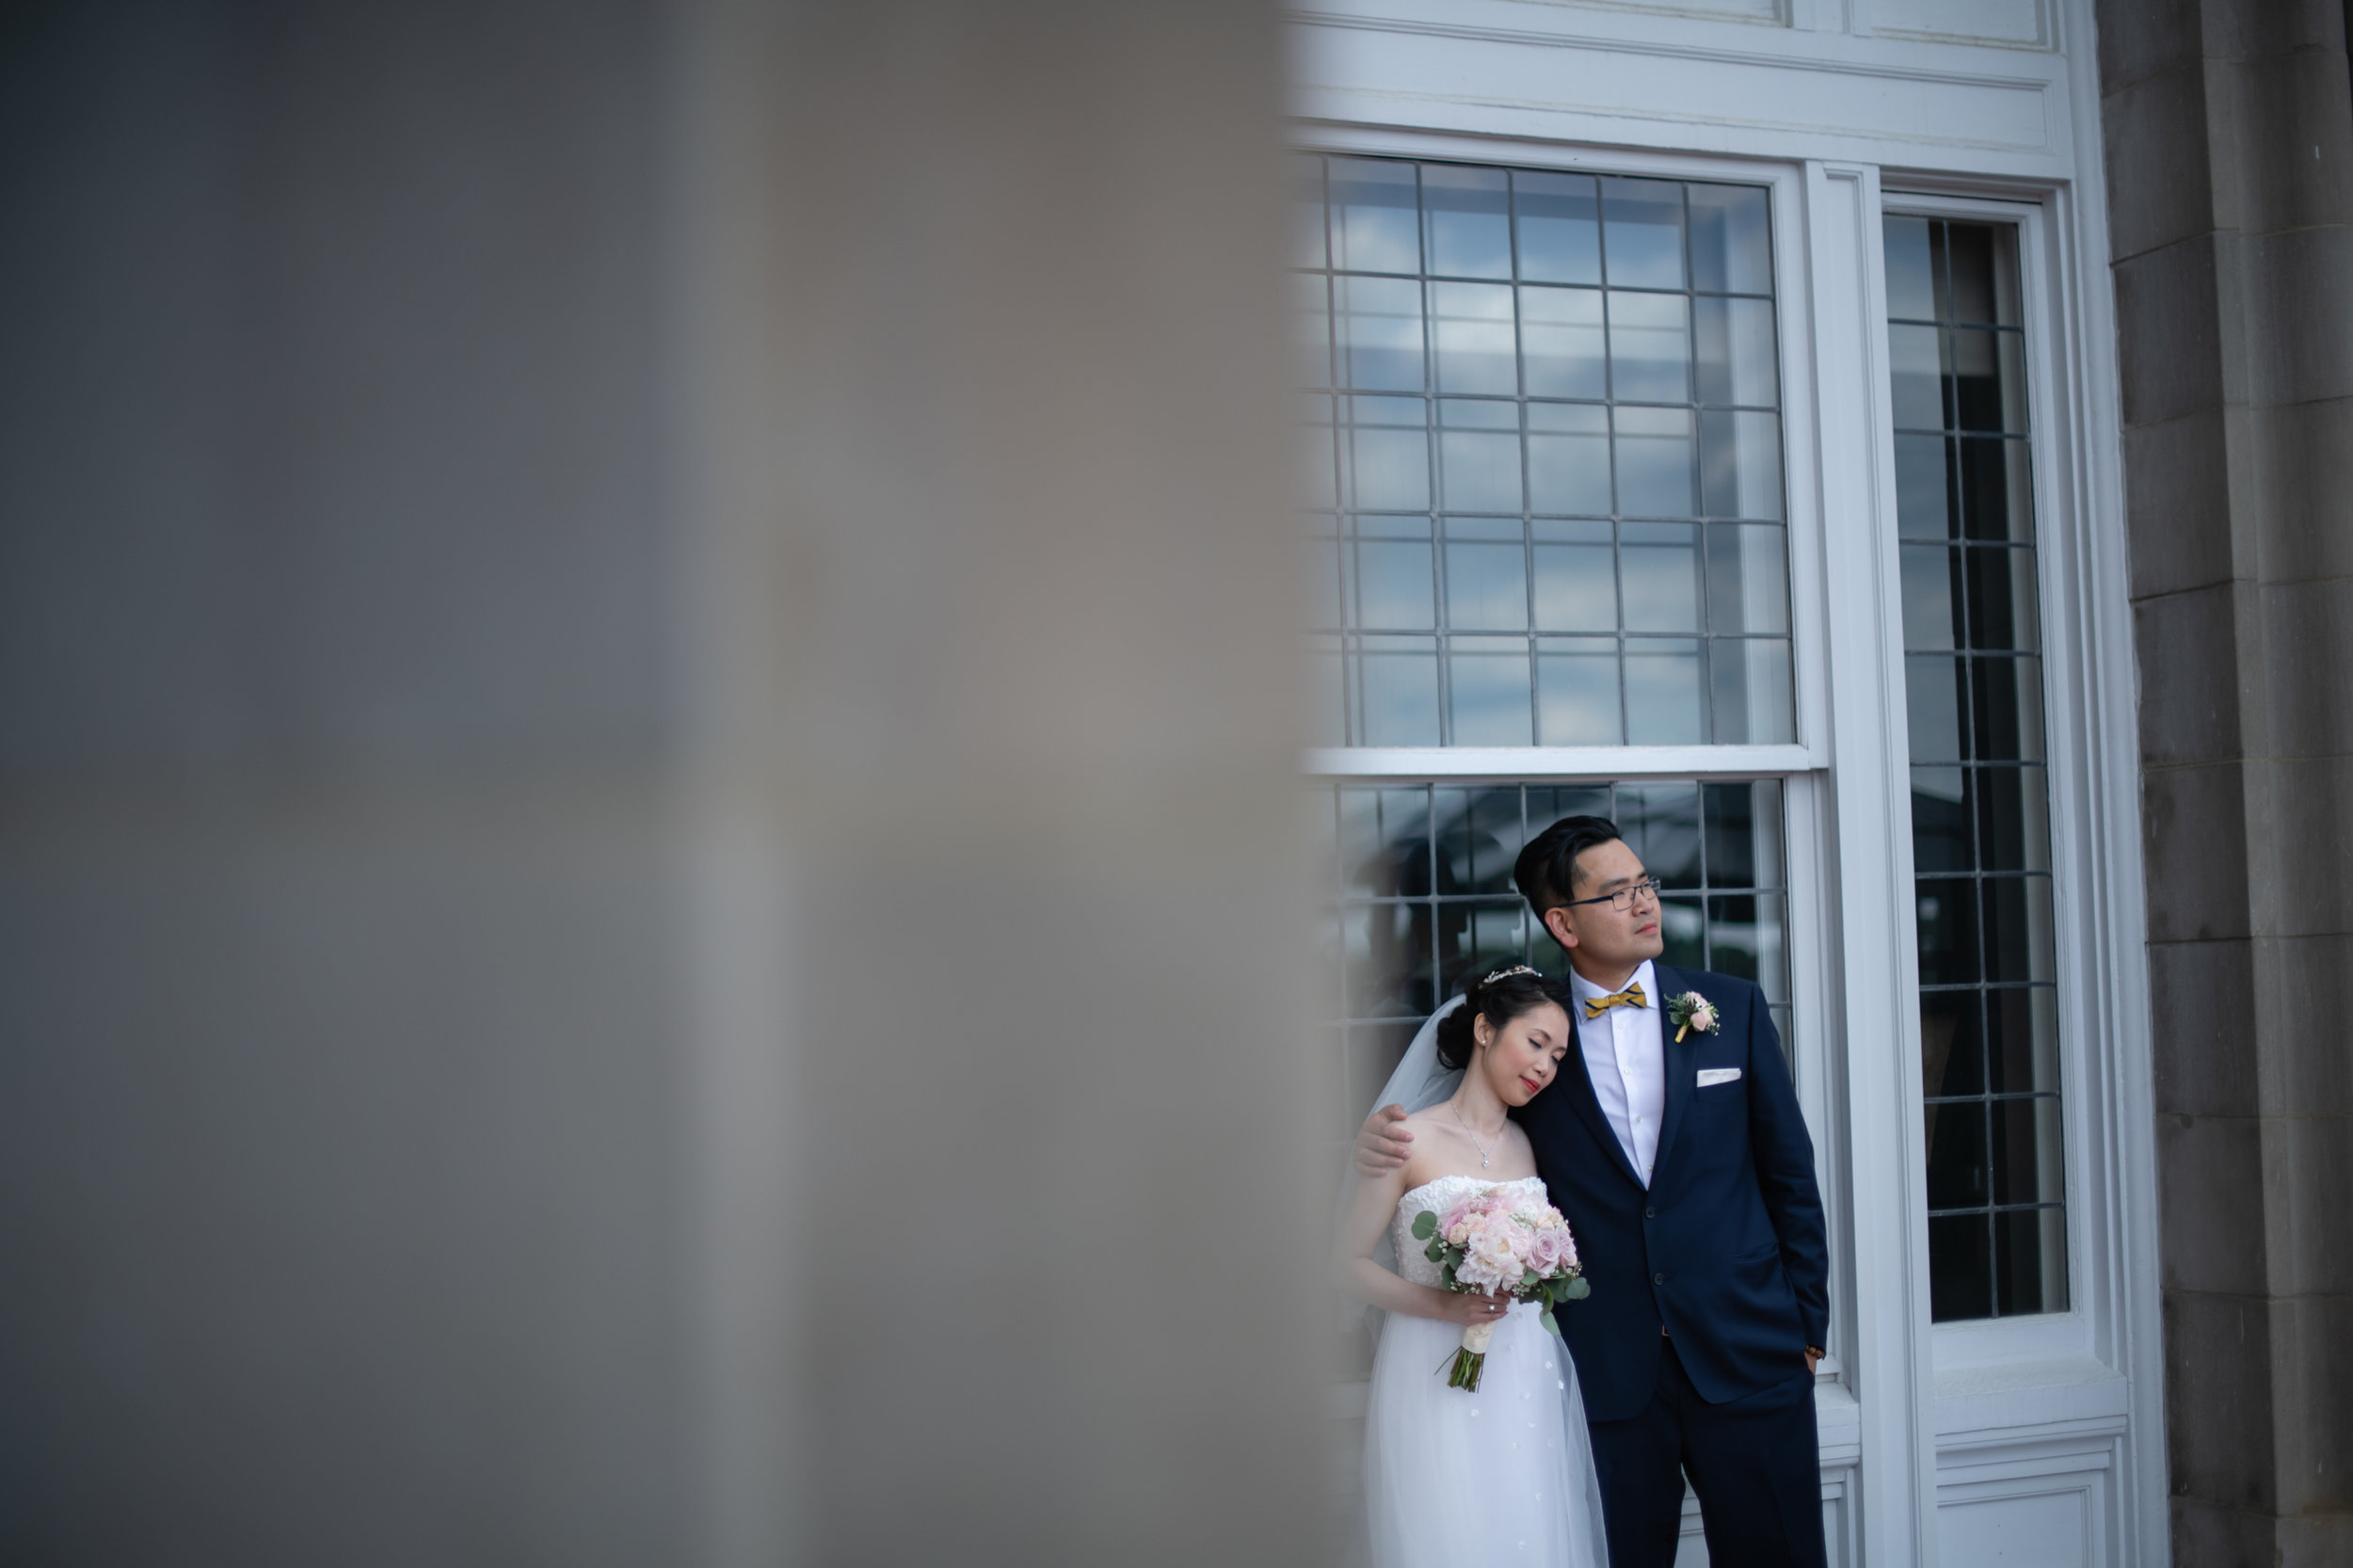 Selina_Chris_Wedding_Sneak_Peek_067.jpg